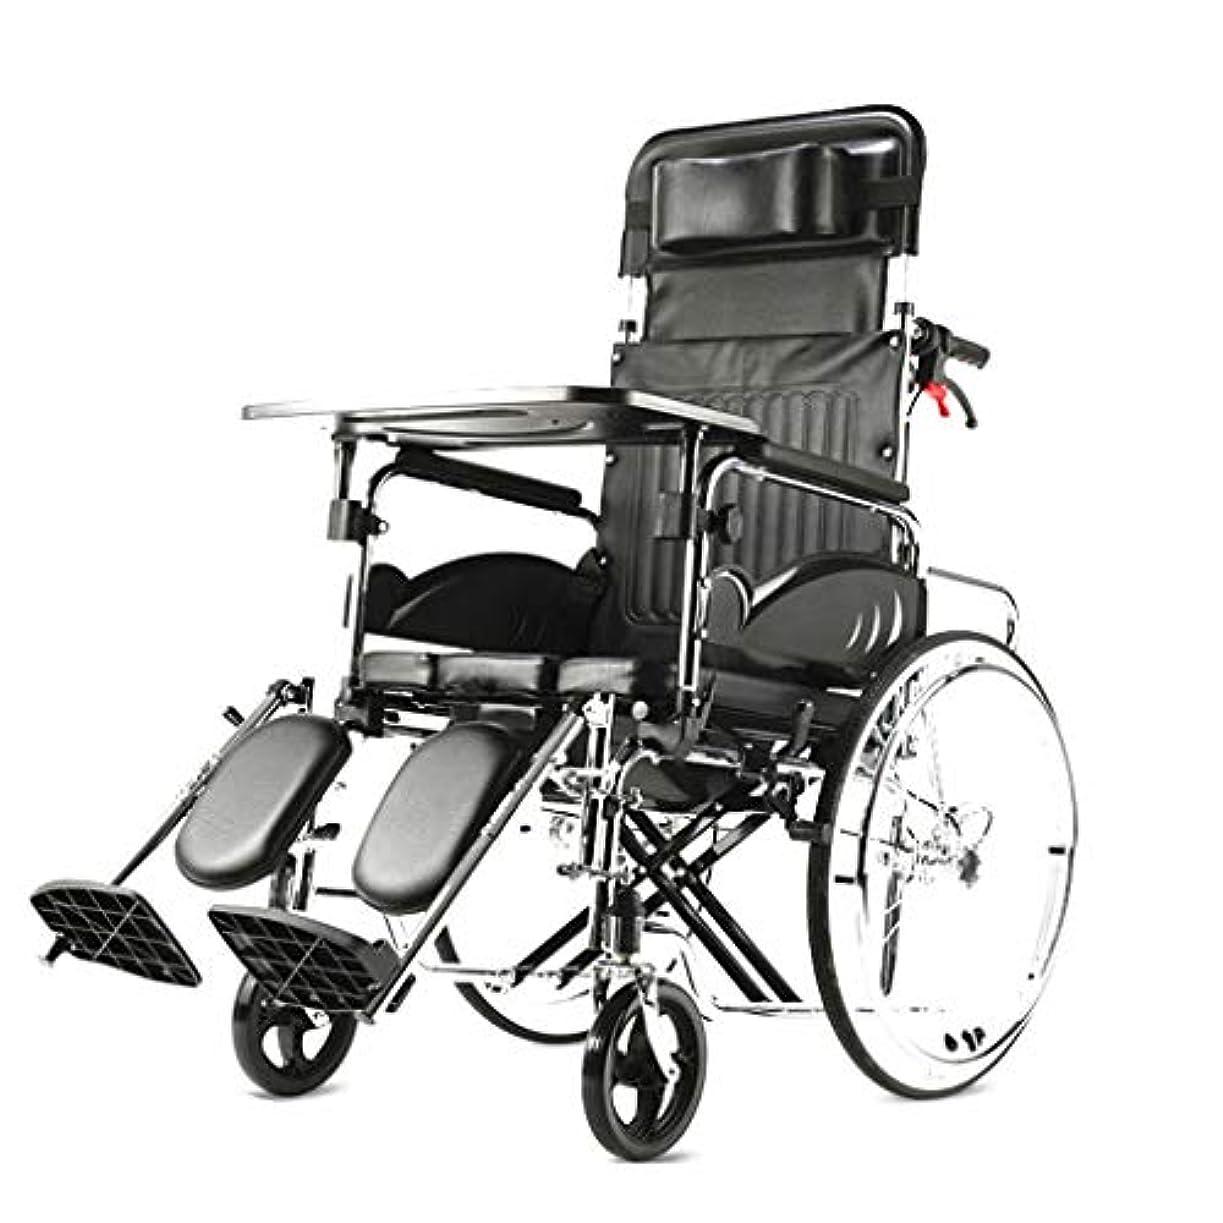 なんでもトラップセンブランス車椅子折りたたみ式、4つのブレーキデザイン、アルミニウム合金、高齢者障害者用車椅子ワゴン